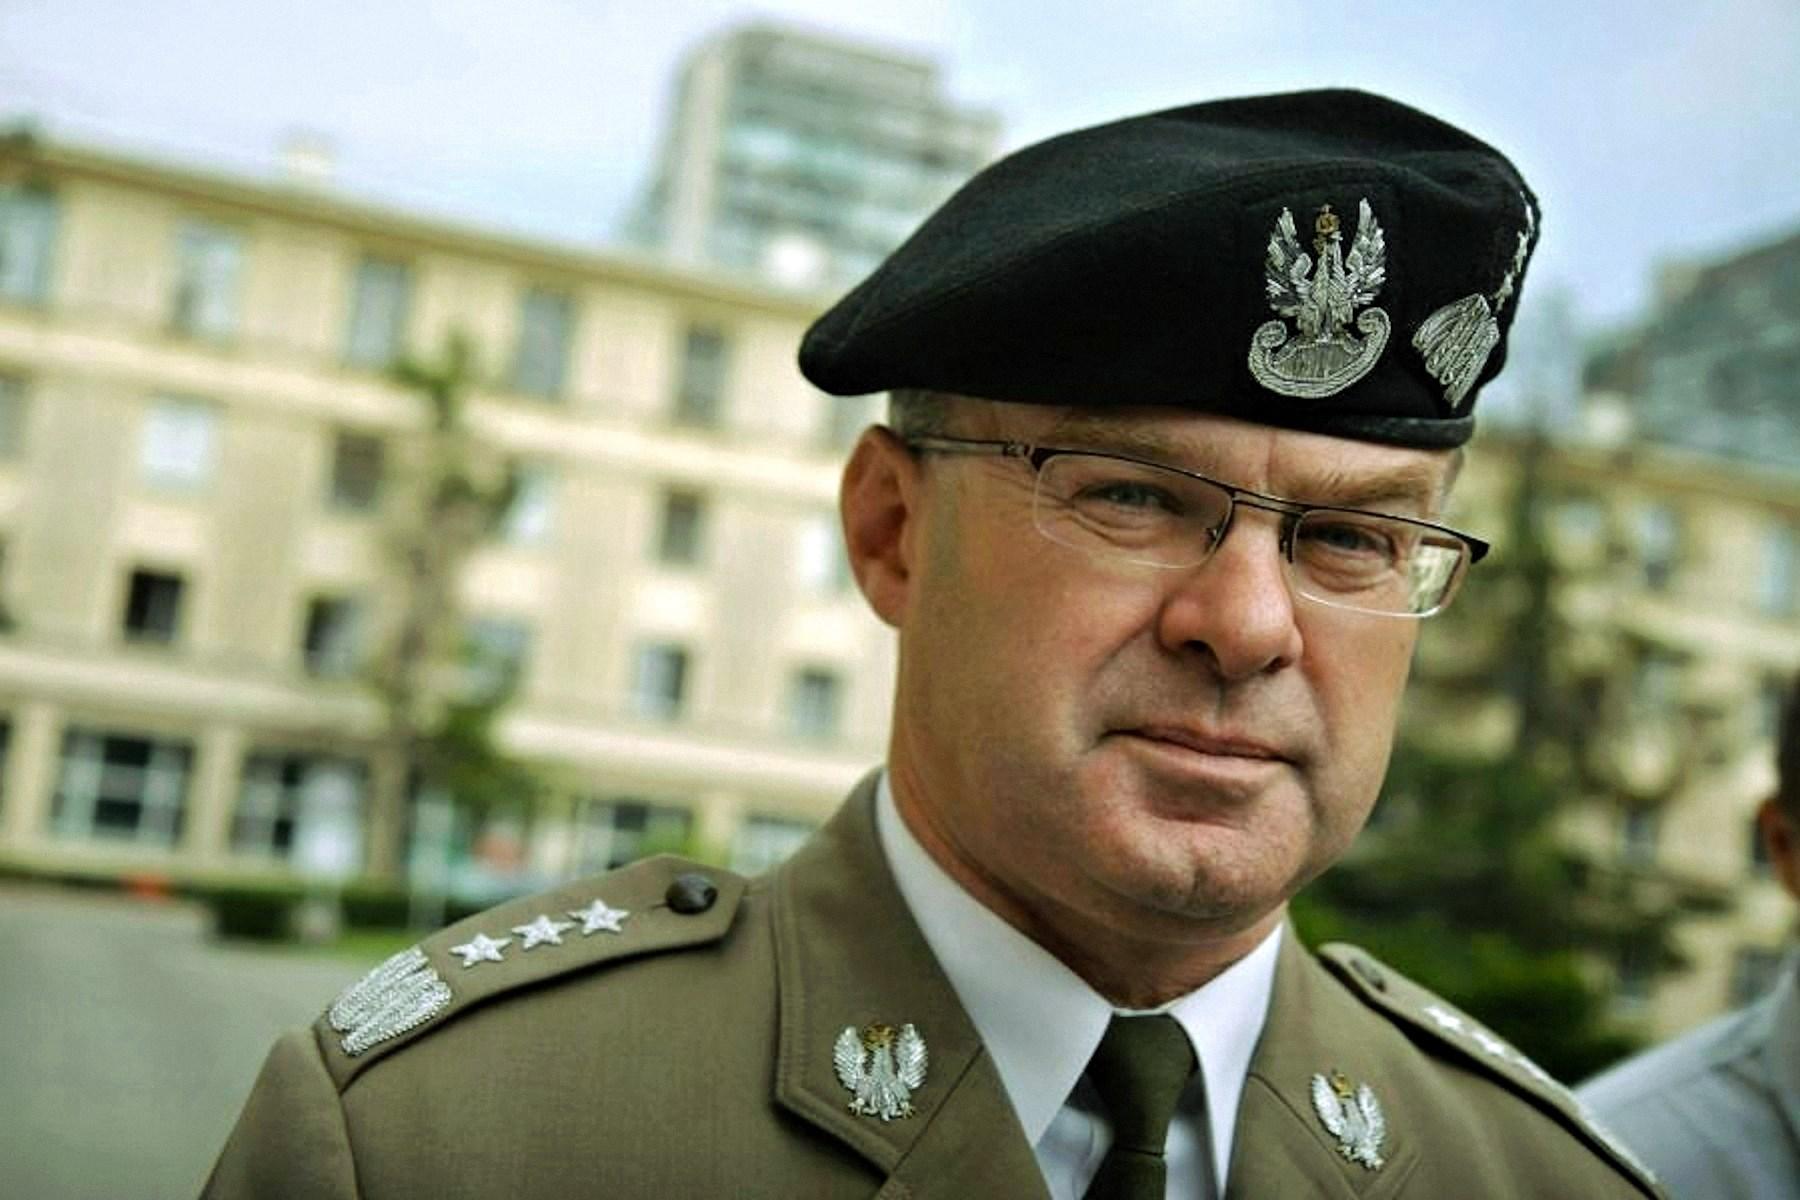 00 Waldemar Henryk Skrzypczak. Poland. general. 18.04.15